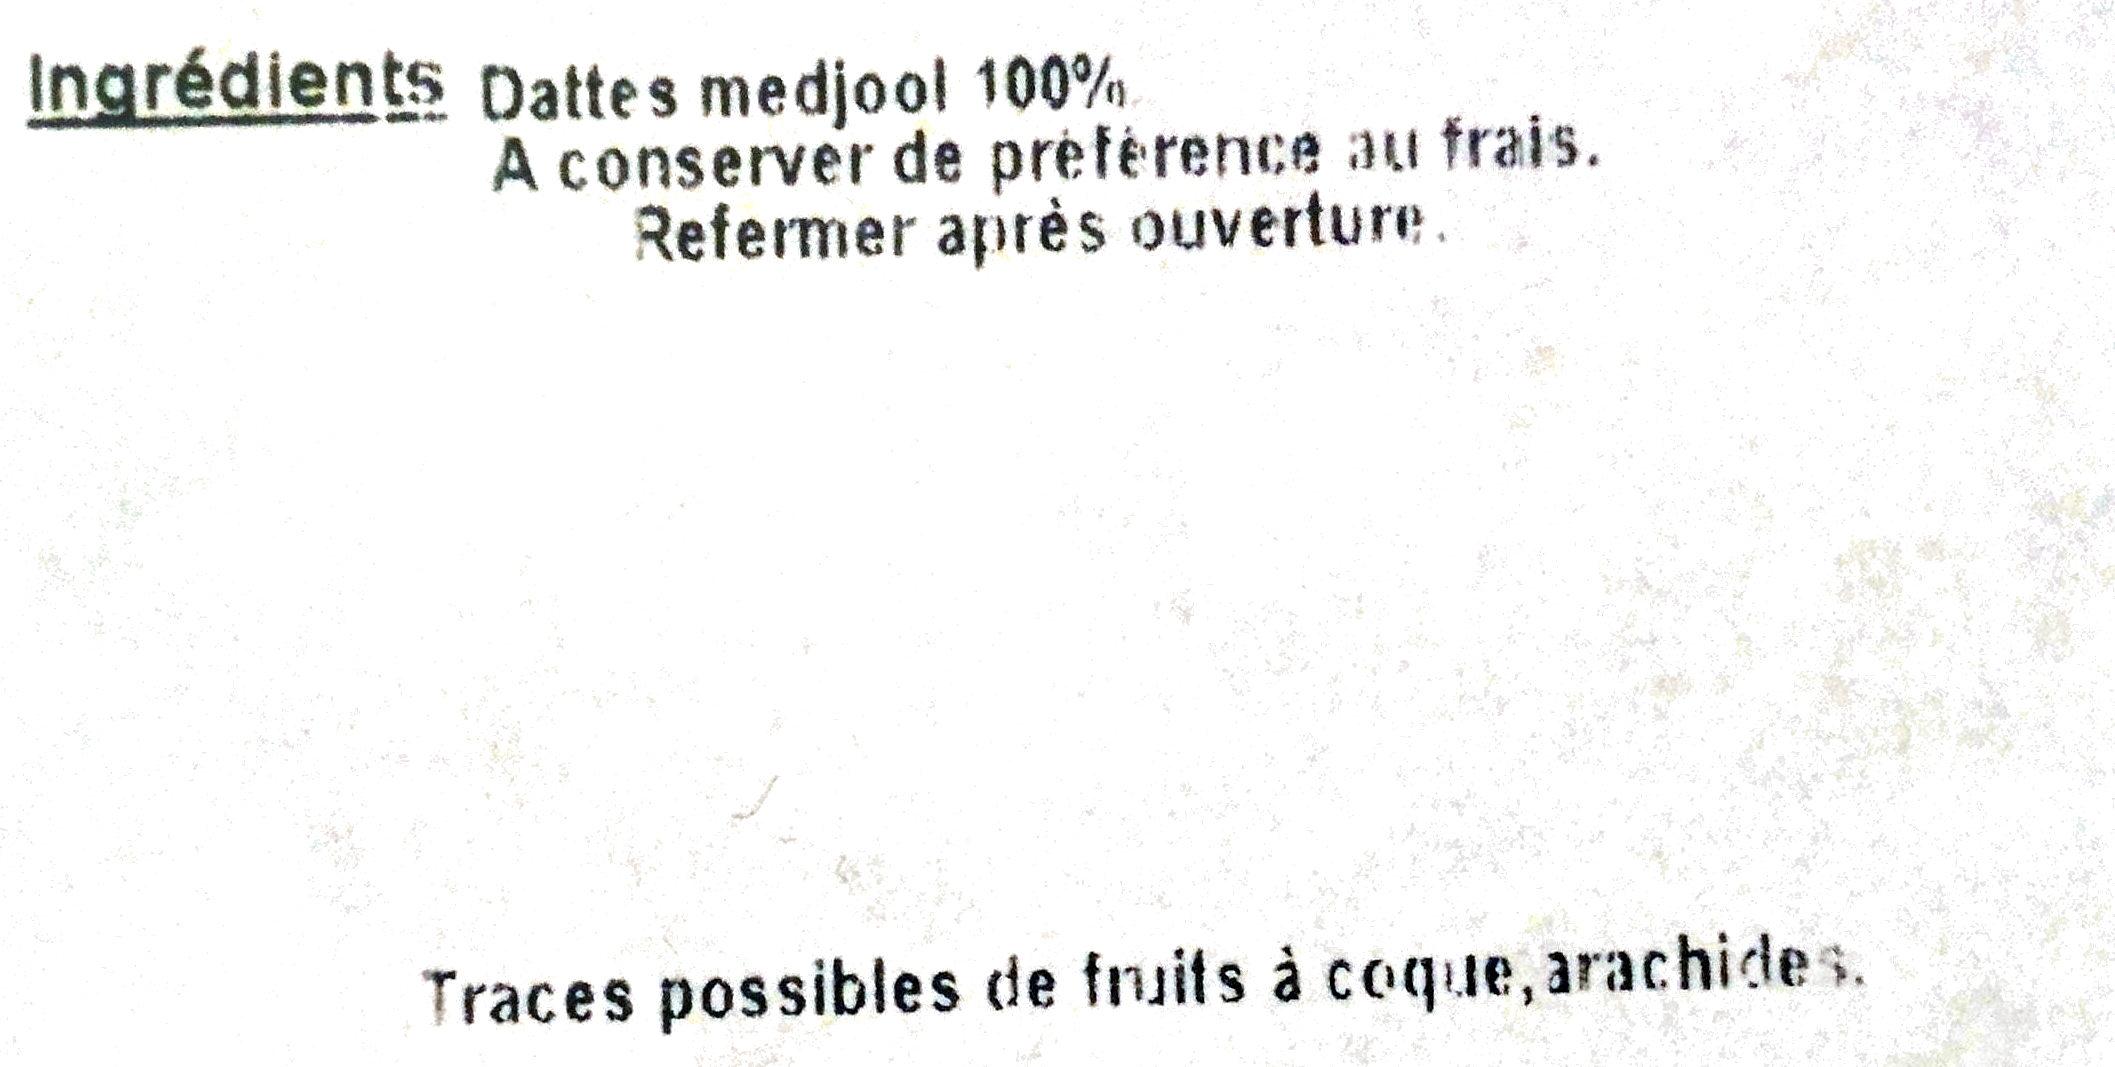 Dates Medjool - Ingrediënten - fr